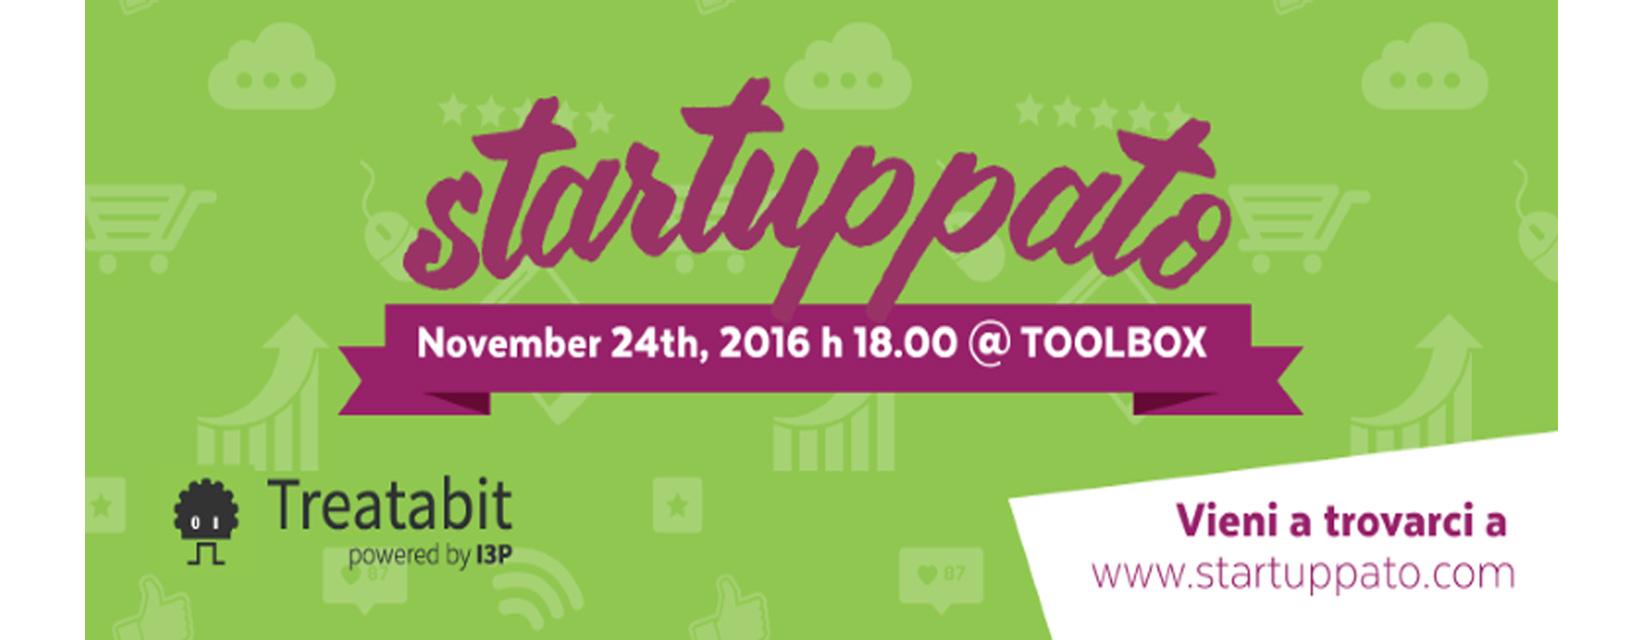 Startuppato 2016 Winter Edition